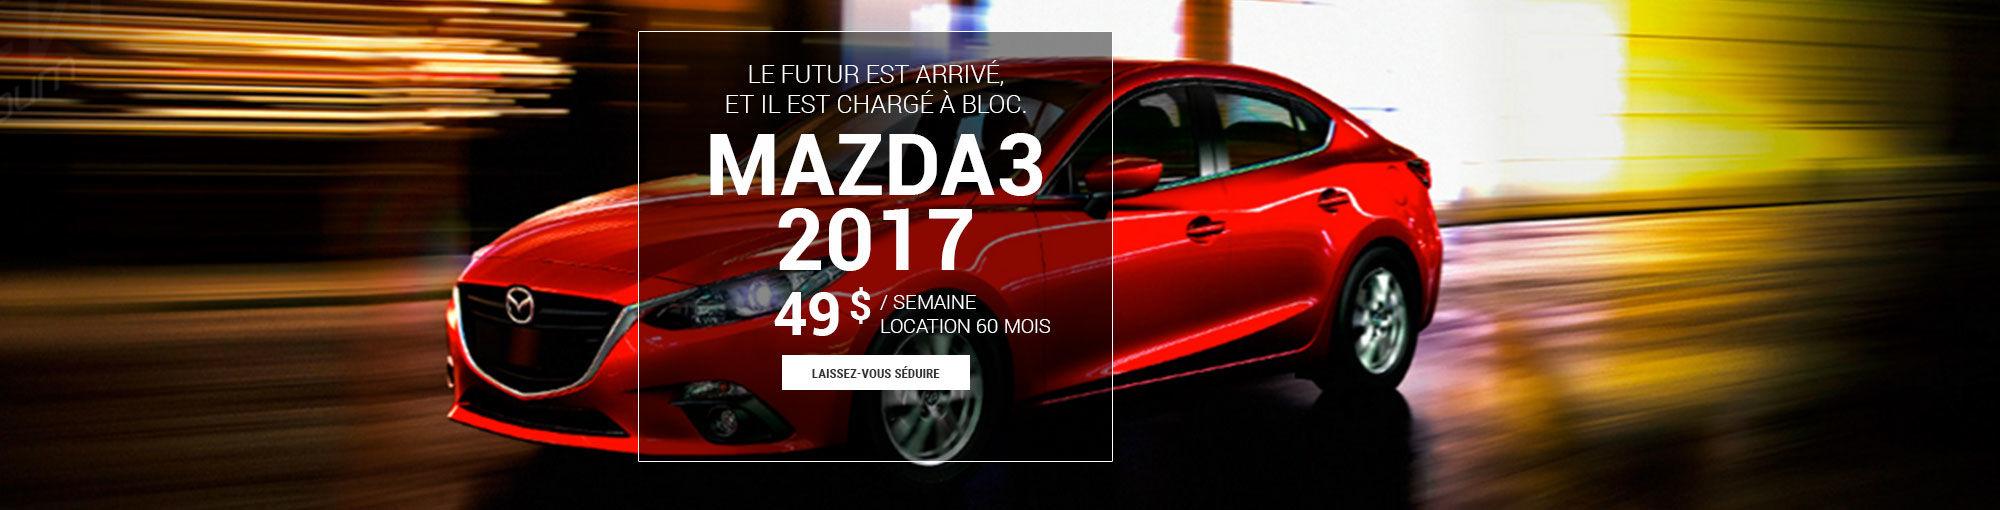 Mazda3 2017 - avril 2017